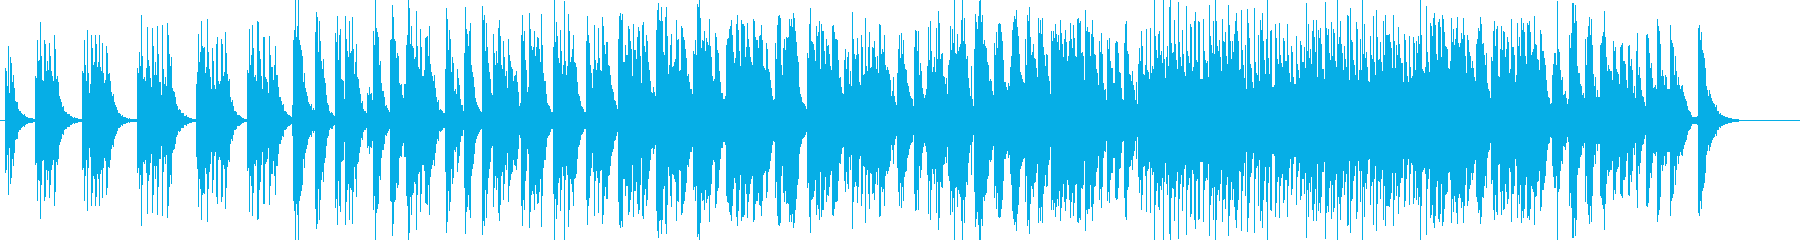 アフリカ固有のドラムでアフリカの音...の再生済みの波形